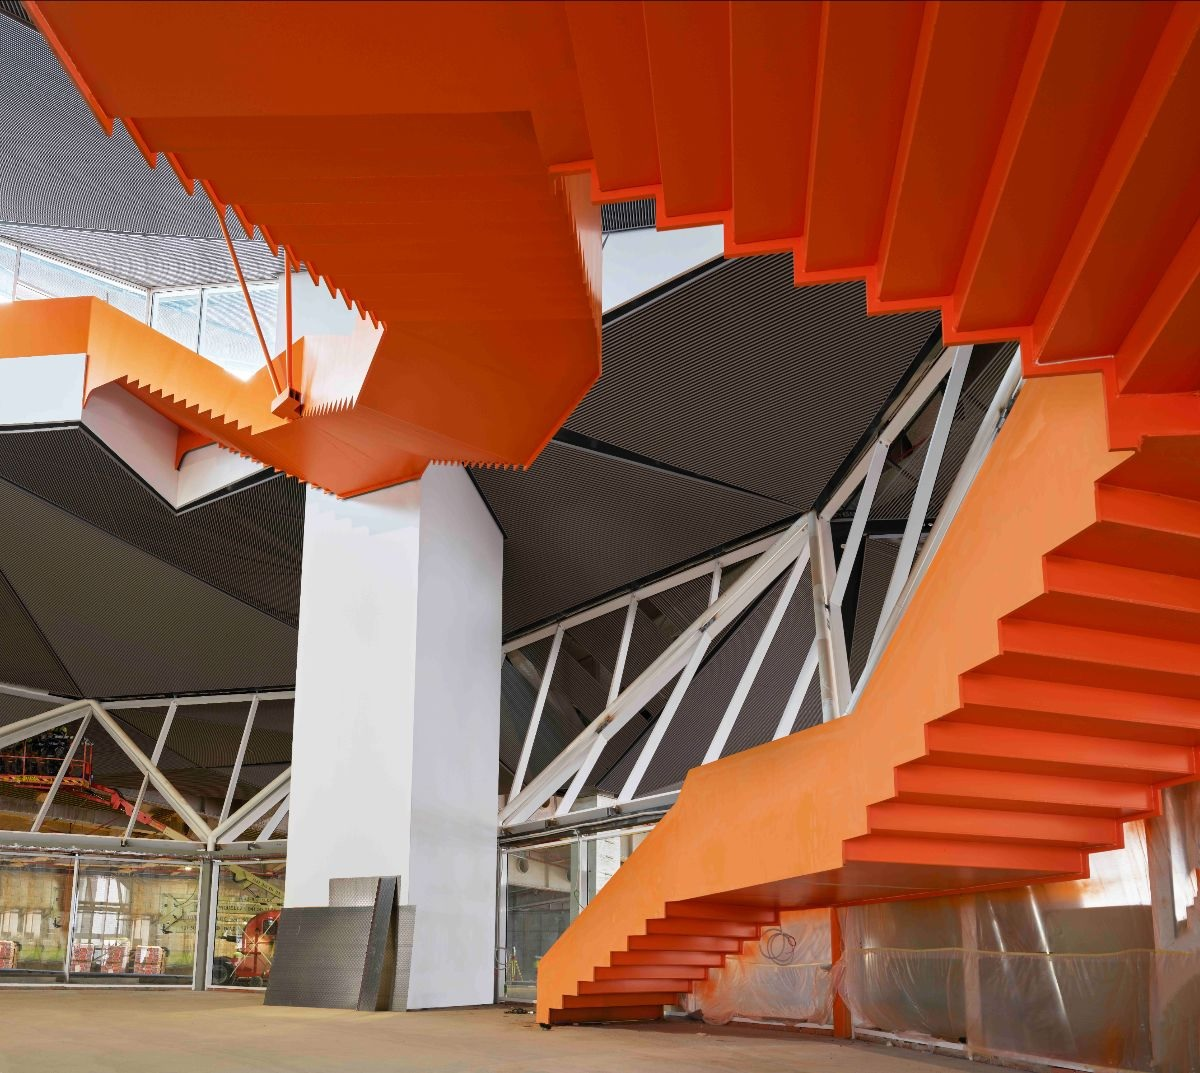 Escalera de acceso al parque